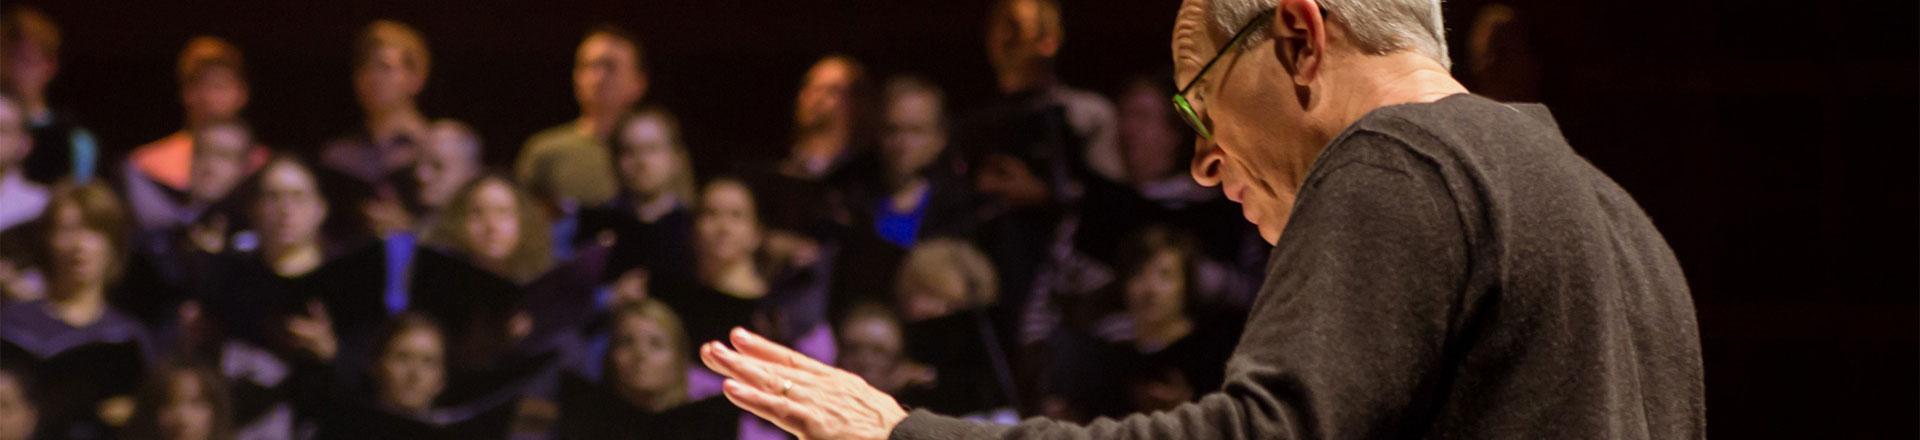 Orchestre de Chambre de Lausanne WNG Agence Digitale